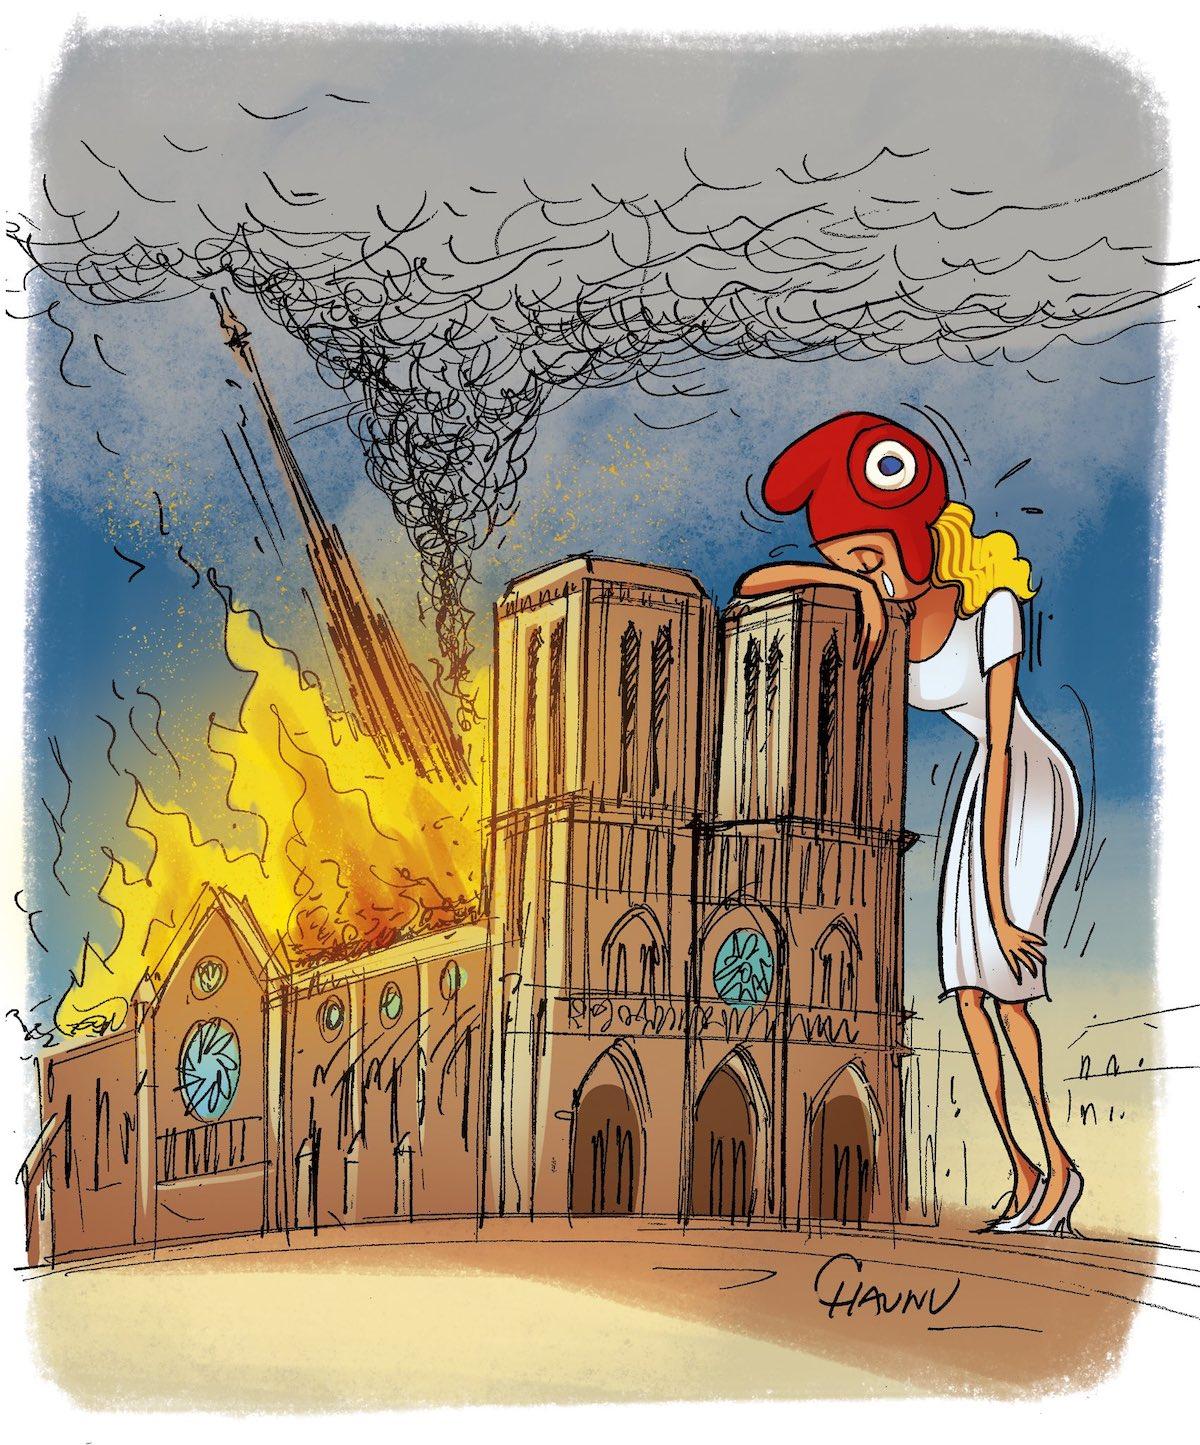 Hommage à Notre Dame de Paris Notre-dame-illustrations-hommage-incendie-222